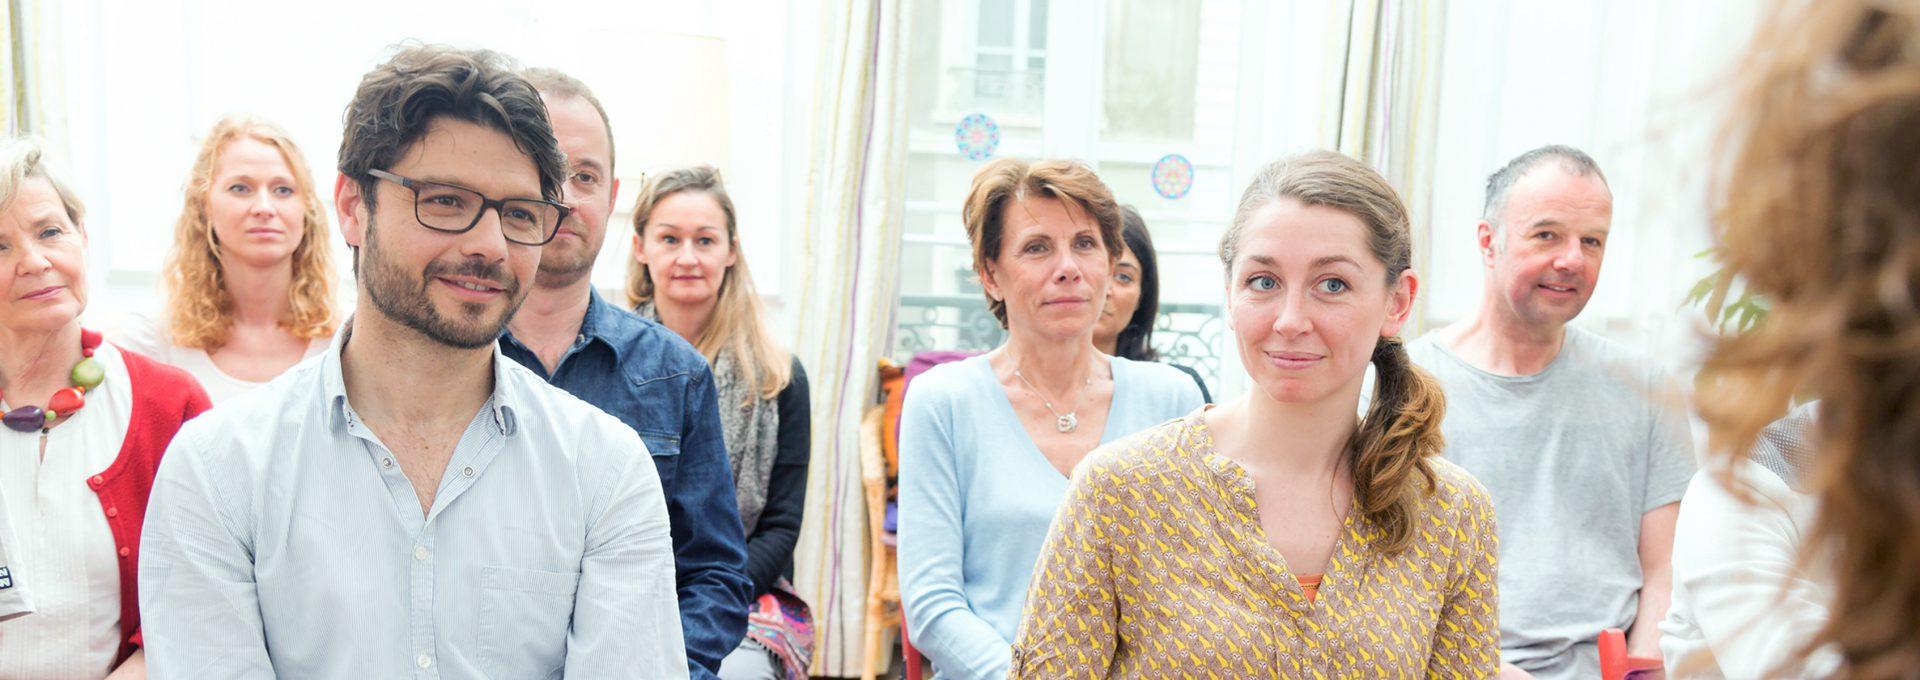 Image entete page conférence atelier découverte MBSR Lyon